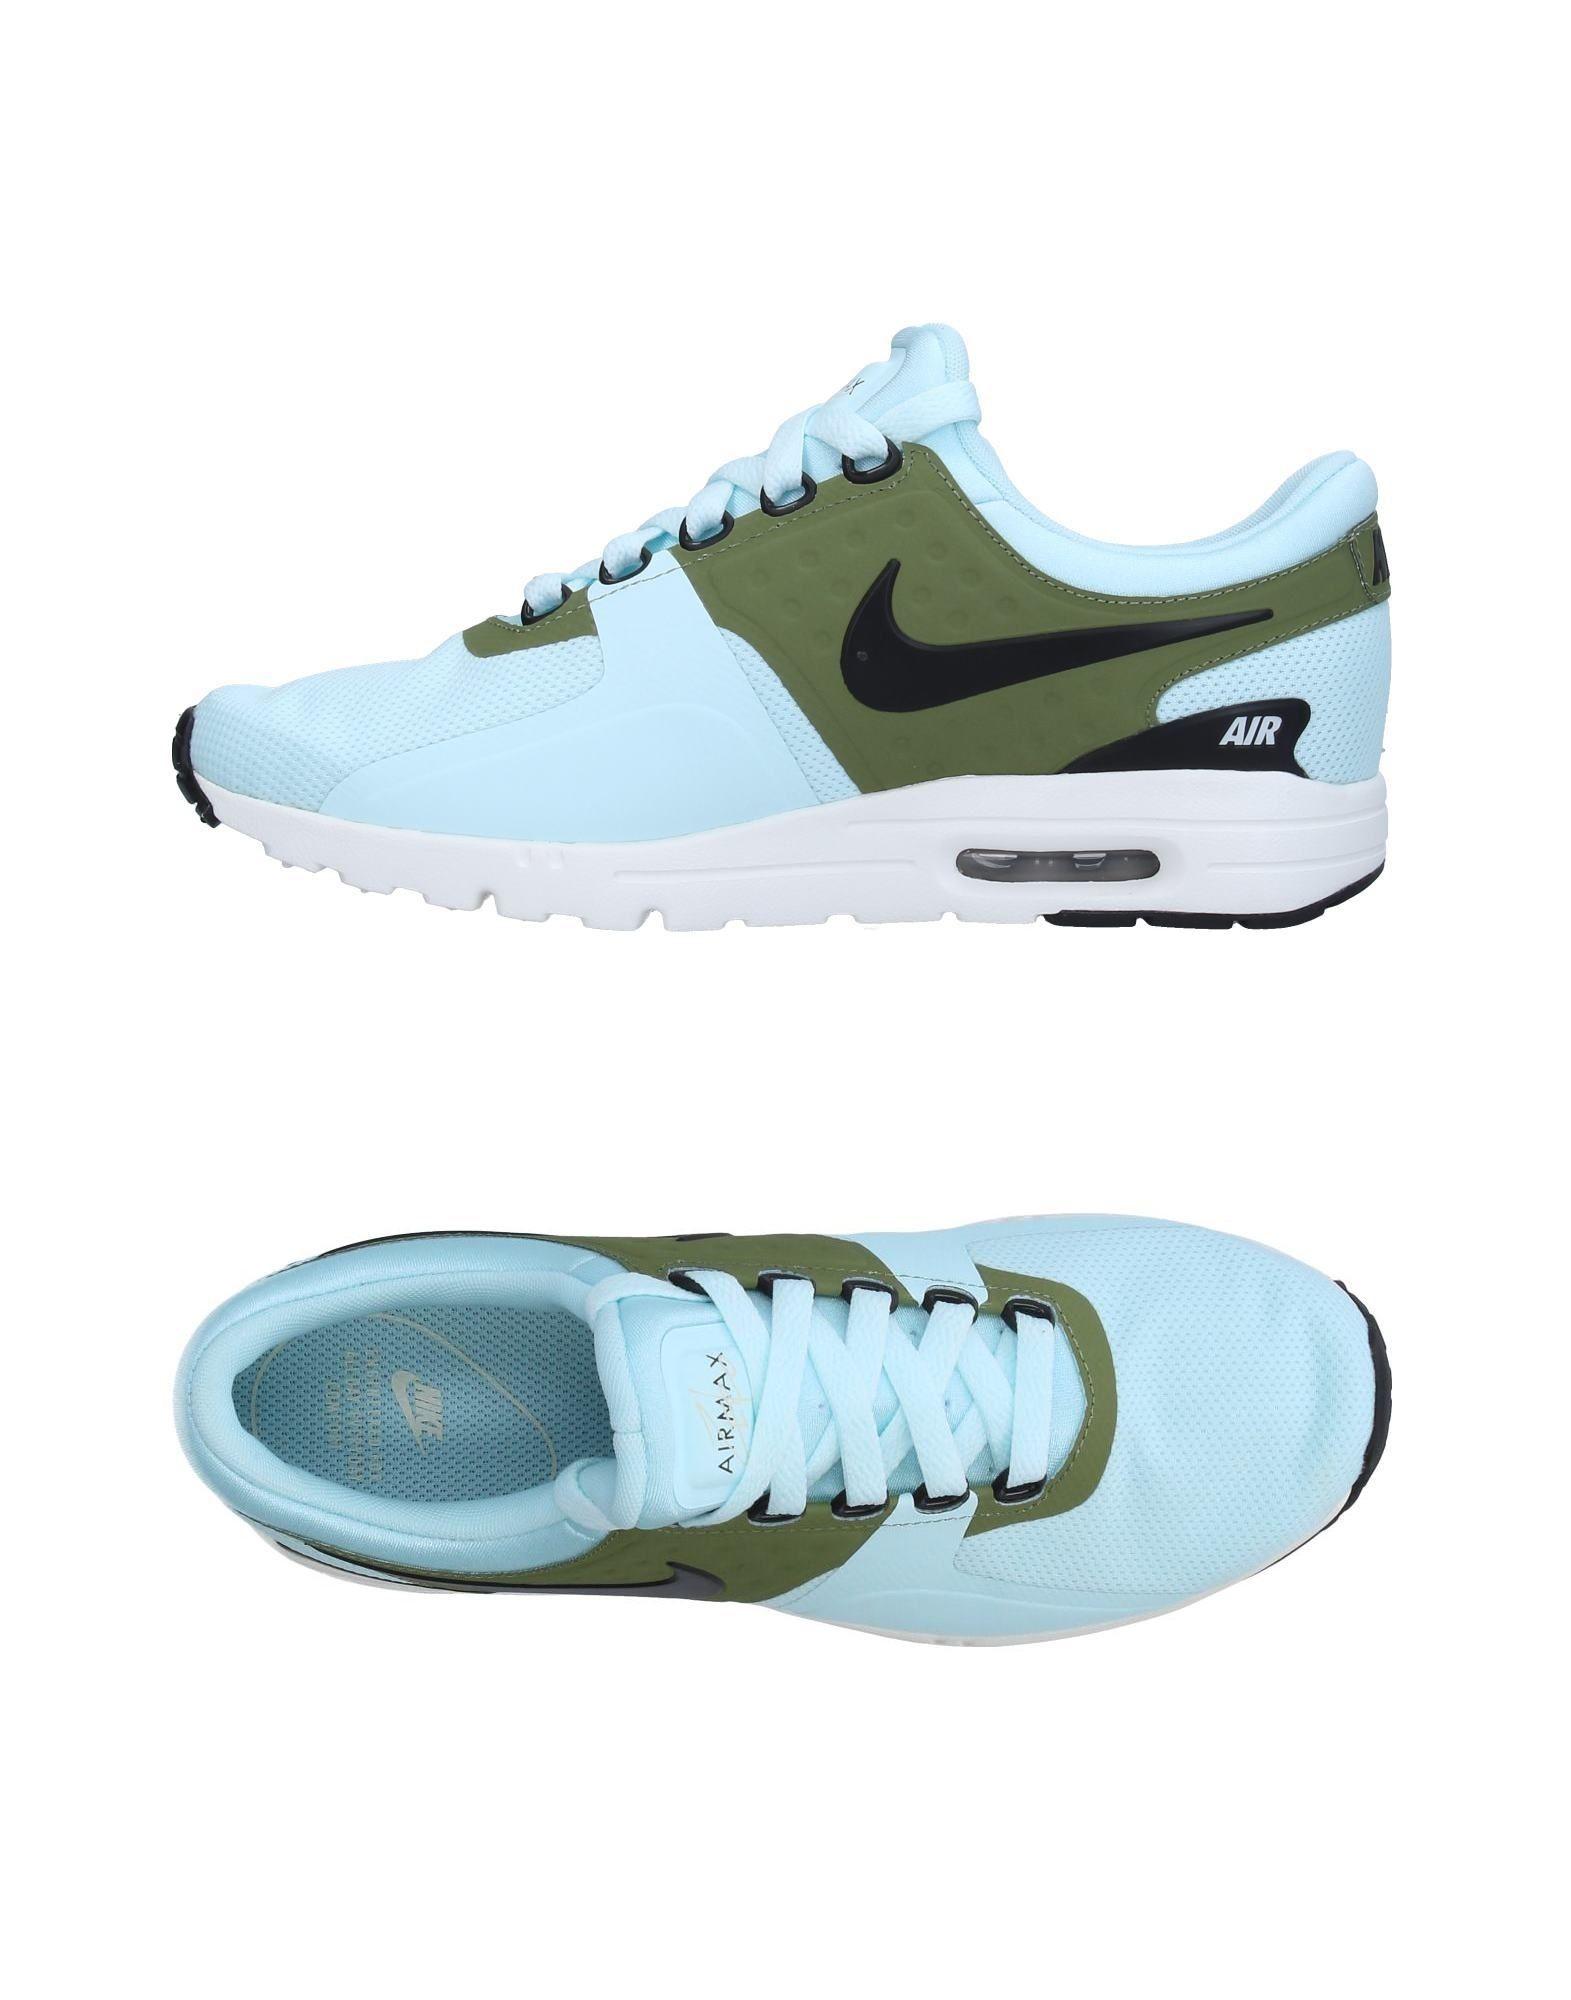 Nike Sneakers lohnt Damen Gutes Preis-Leistungs-Verhältnis, es lohnt Sneakers sich 3750 3d66db